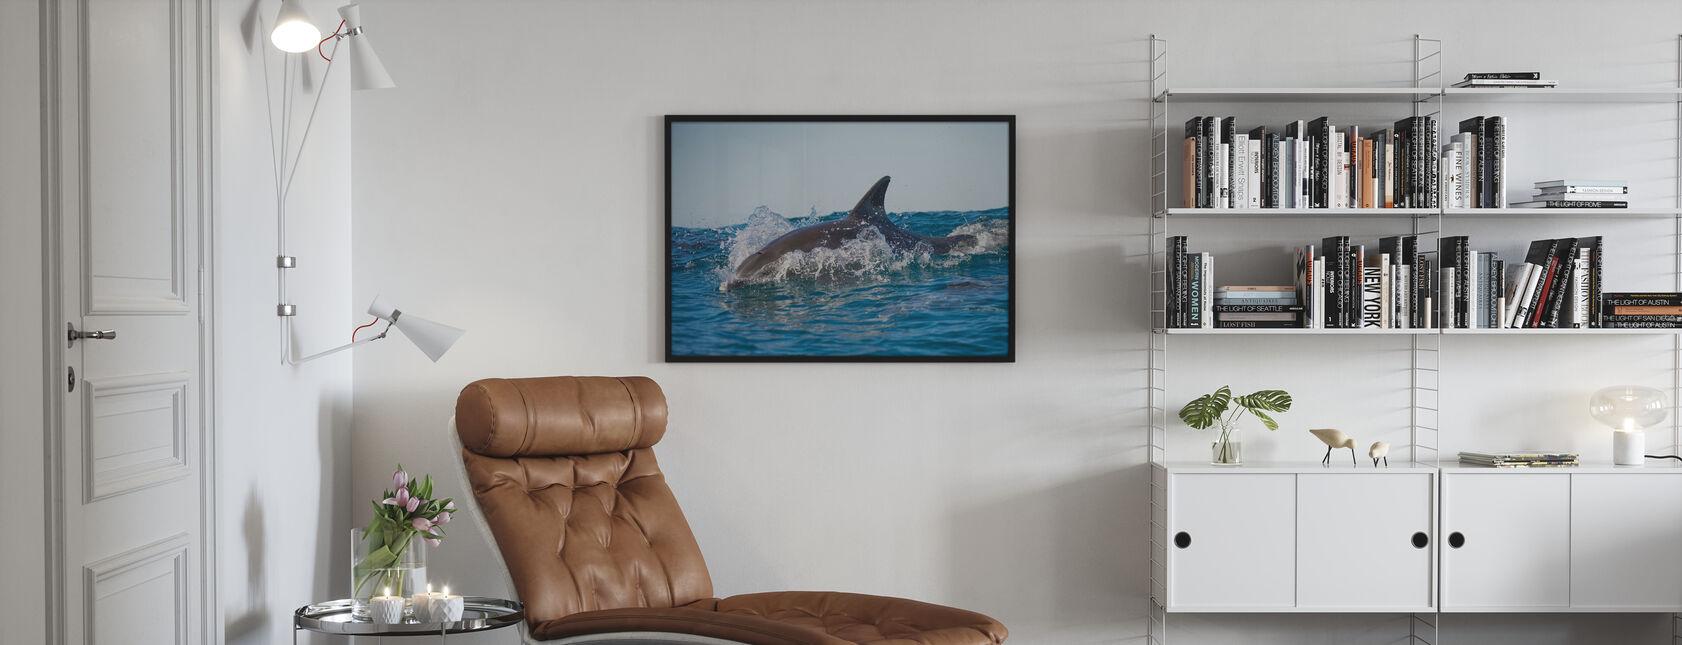 Bottlenose Dolphin - Framed print - Living Room